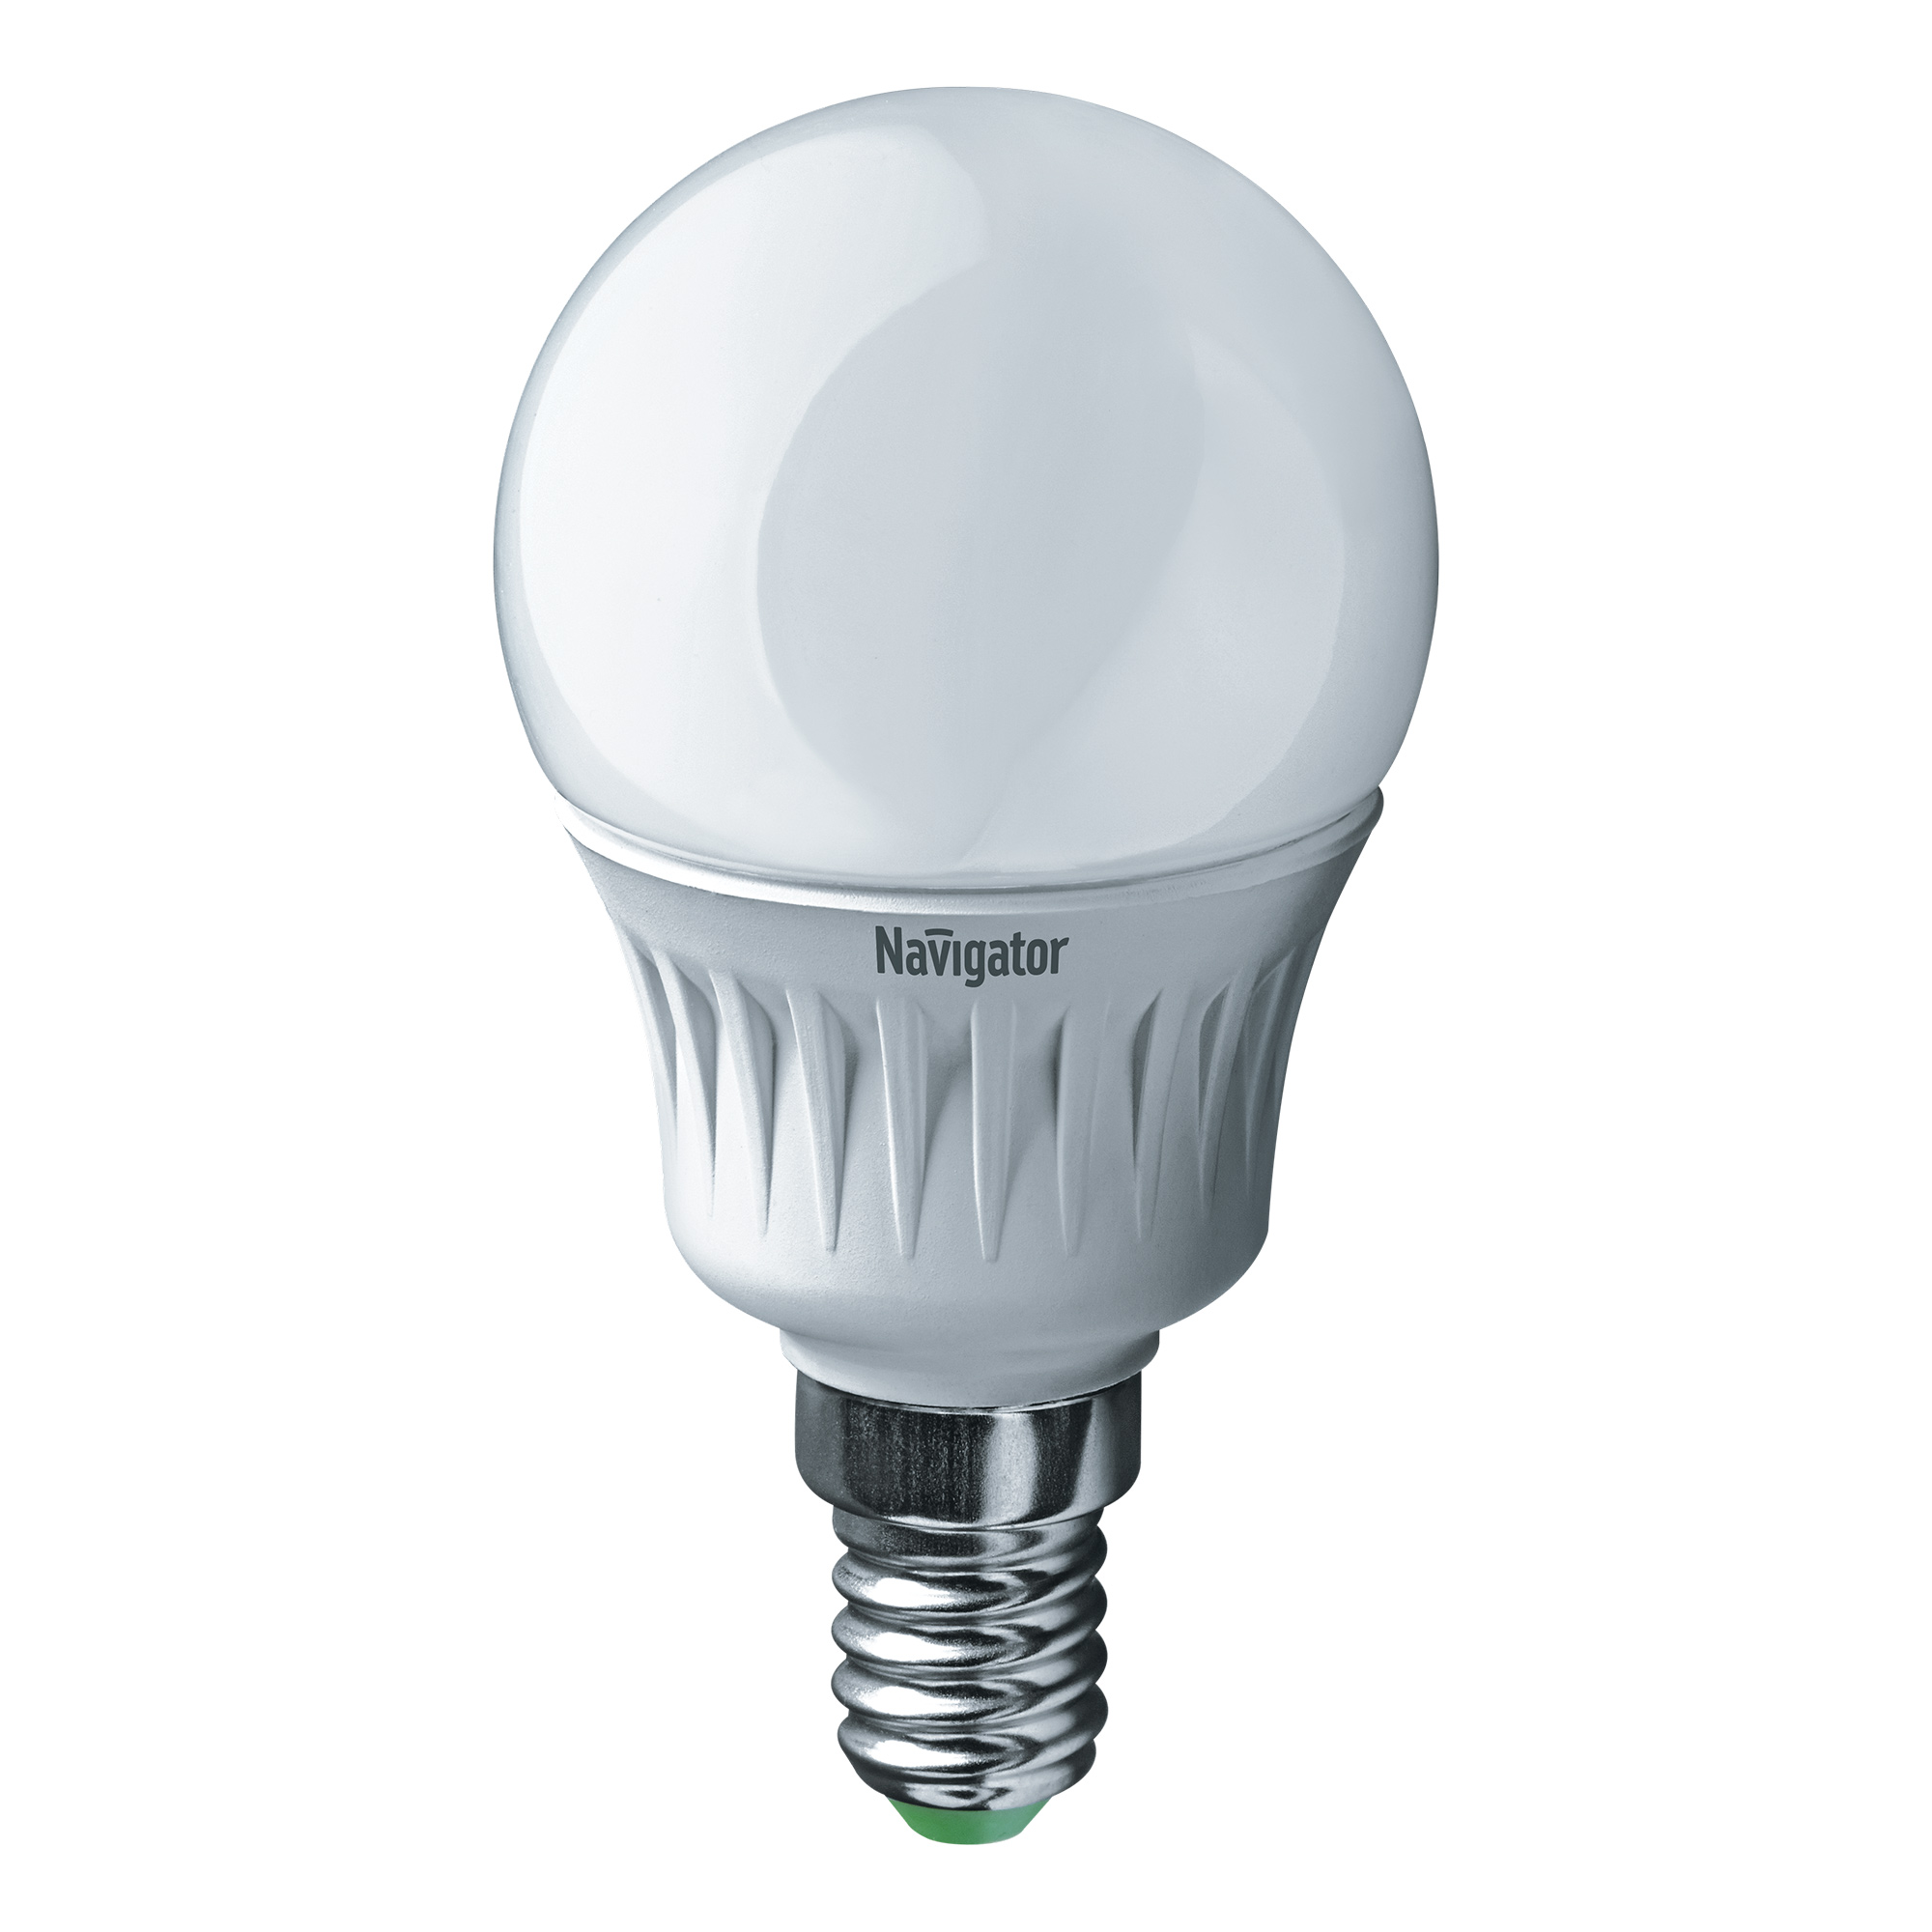 Лампа светодиодная Navigator шарик матовая 7Вт цоколь E14 (теплый свет) фото